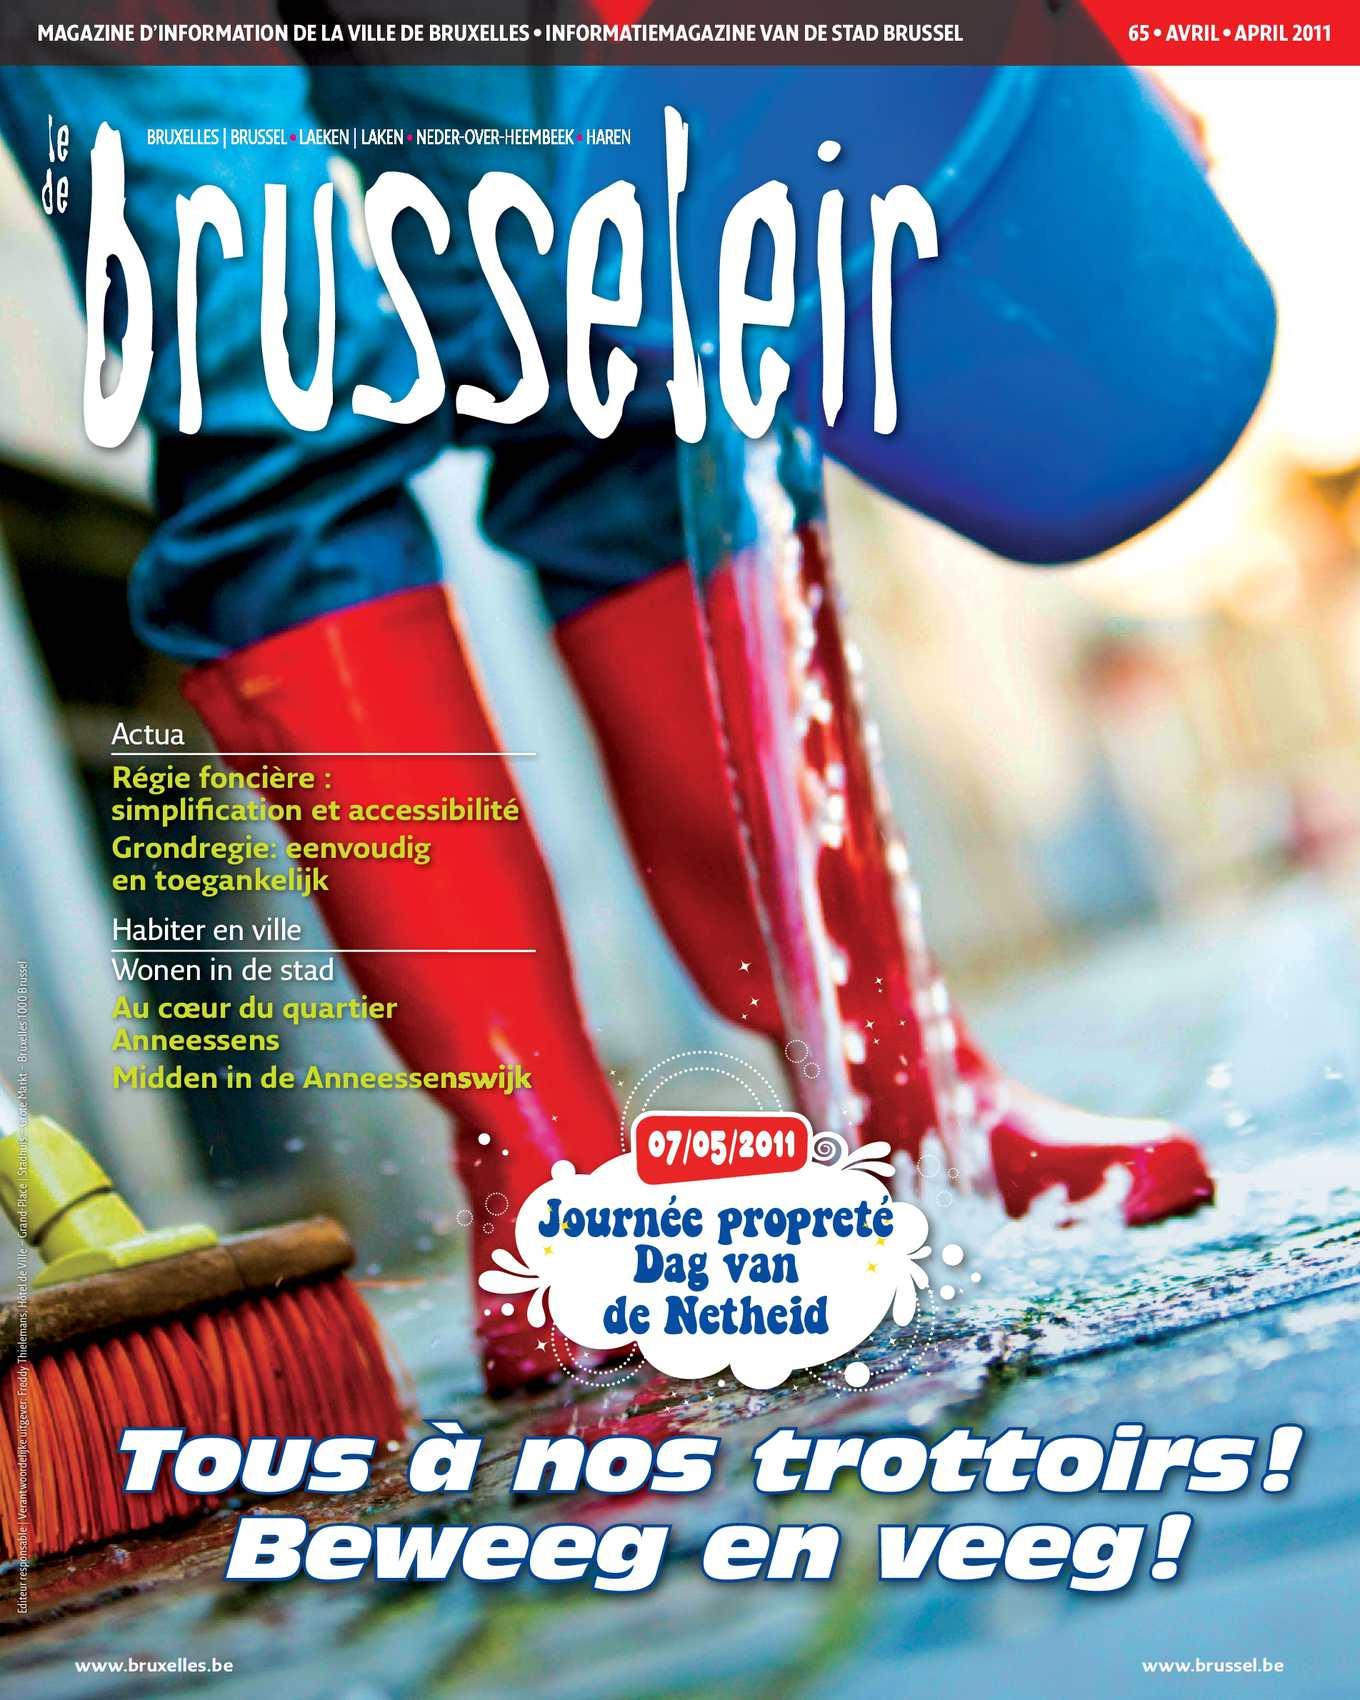 Calaméo Brusseleir 65 2011 04